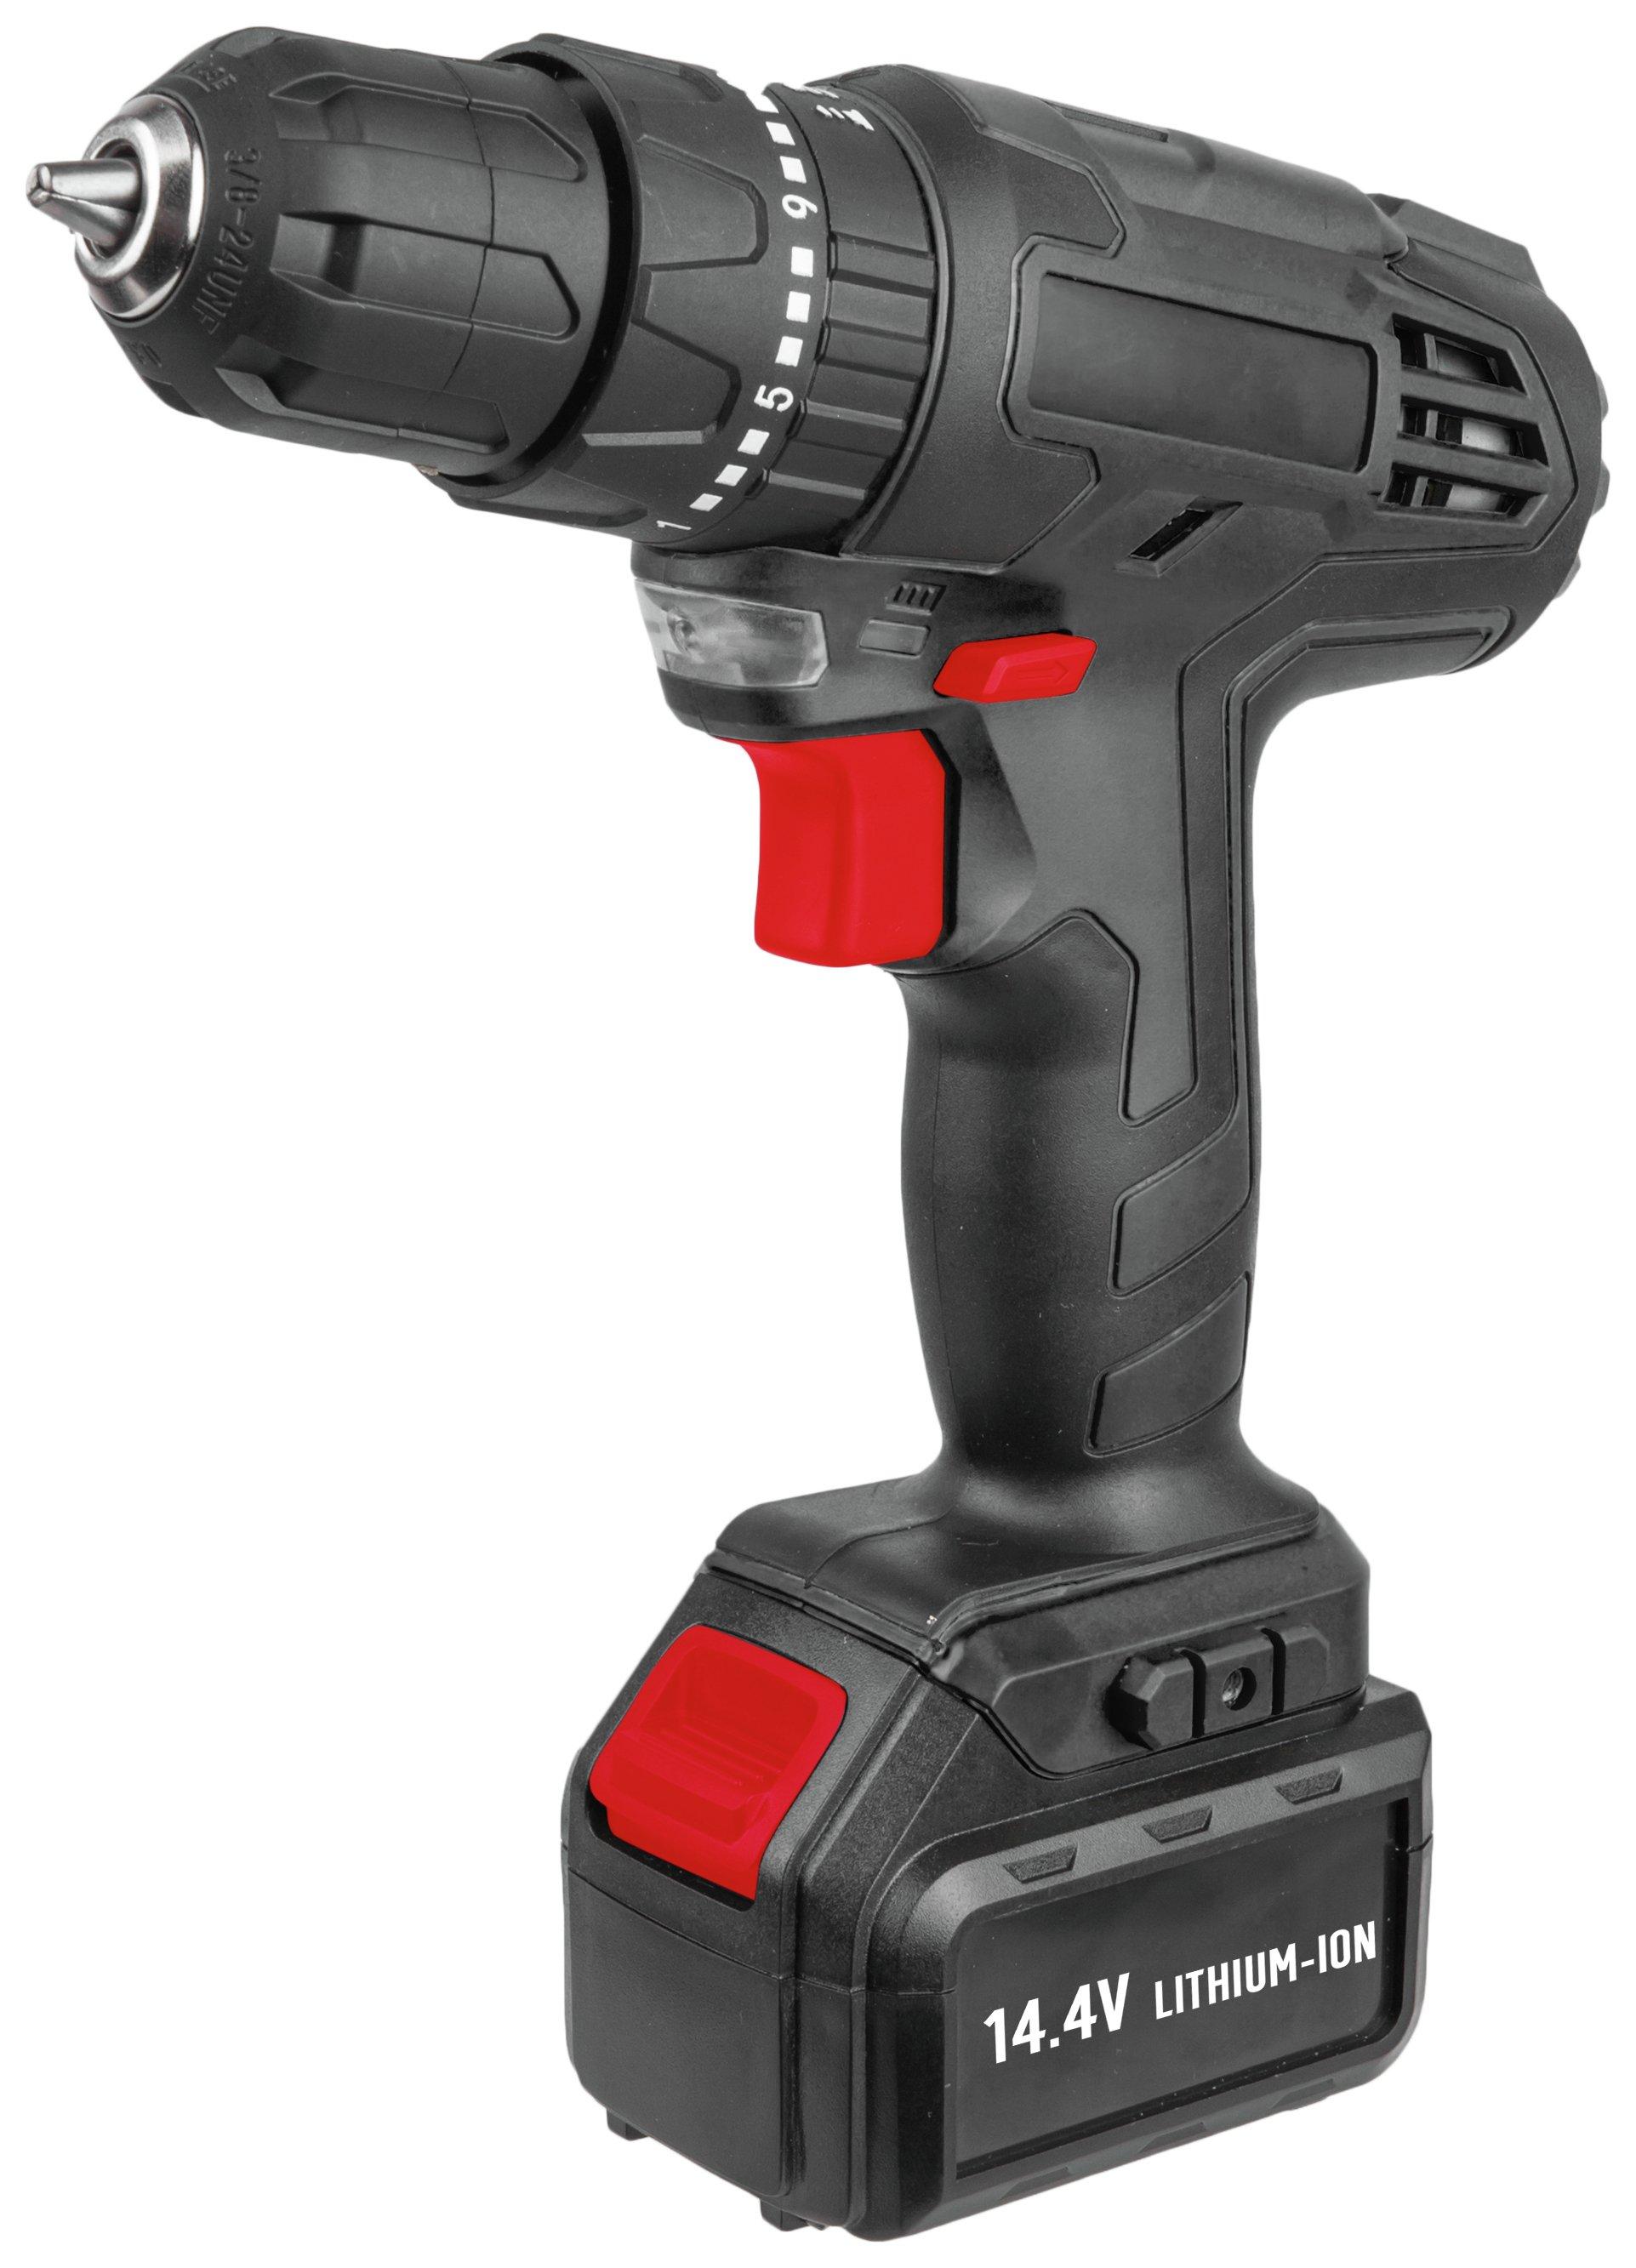 Simple Value 1.3Ah Cordless Hammer Drill - 14.4V £25 at Argos